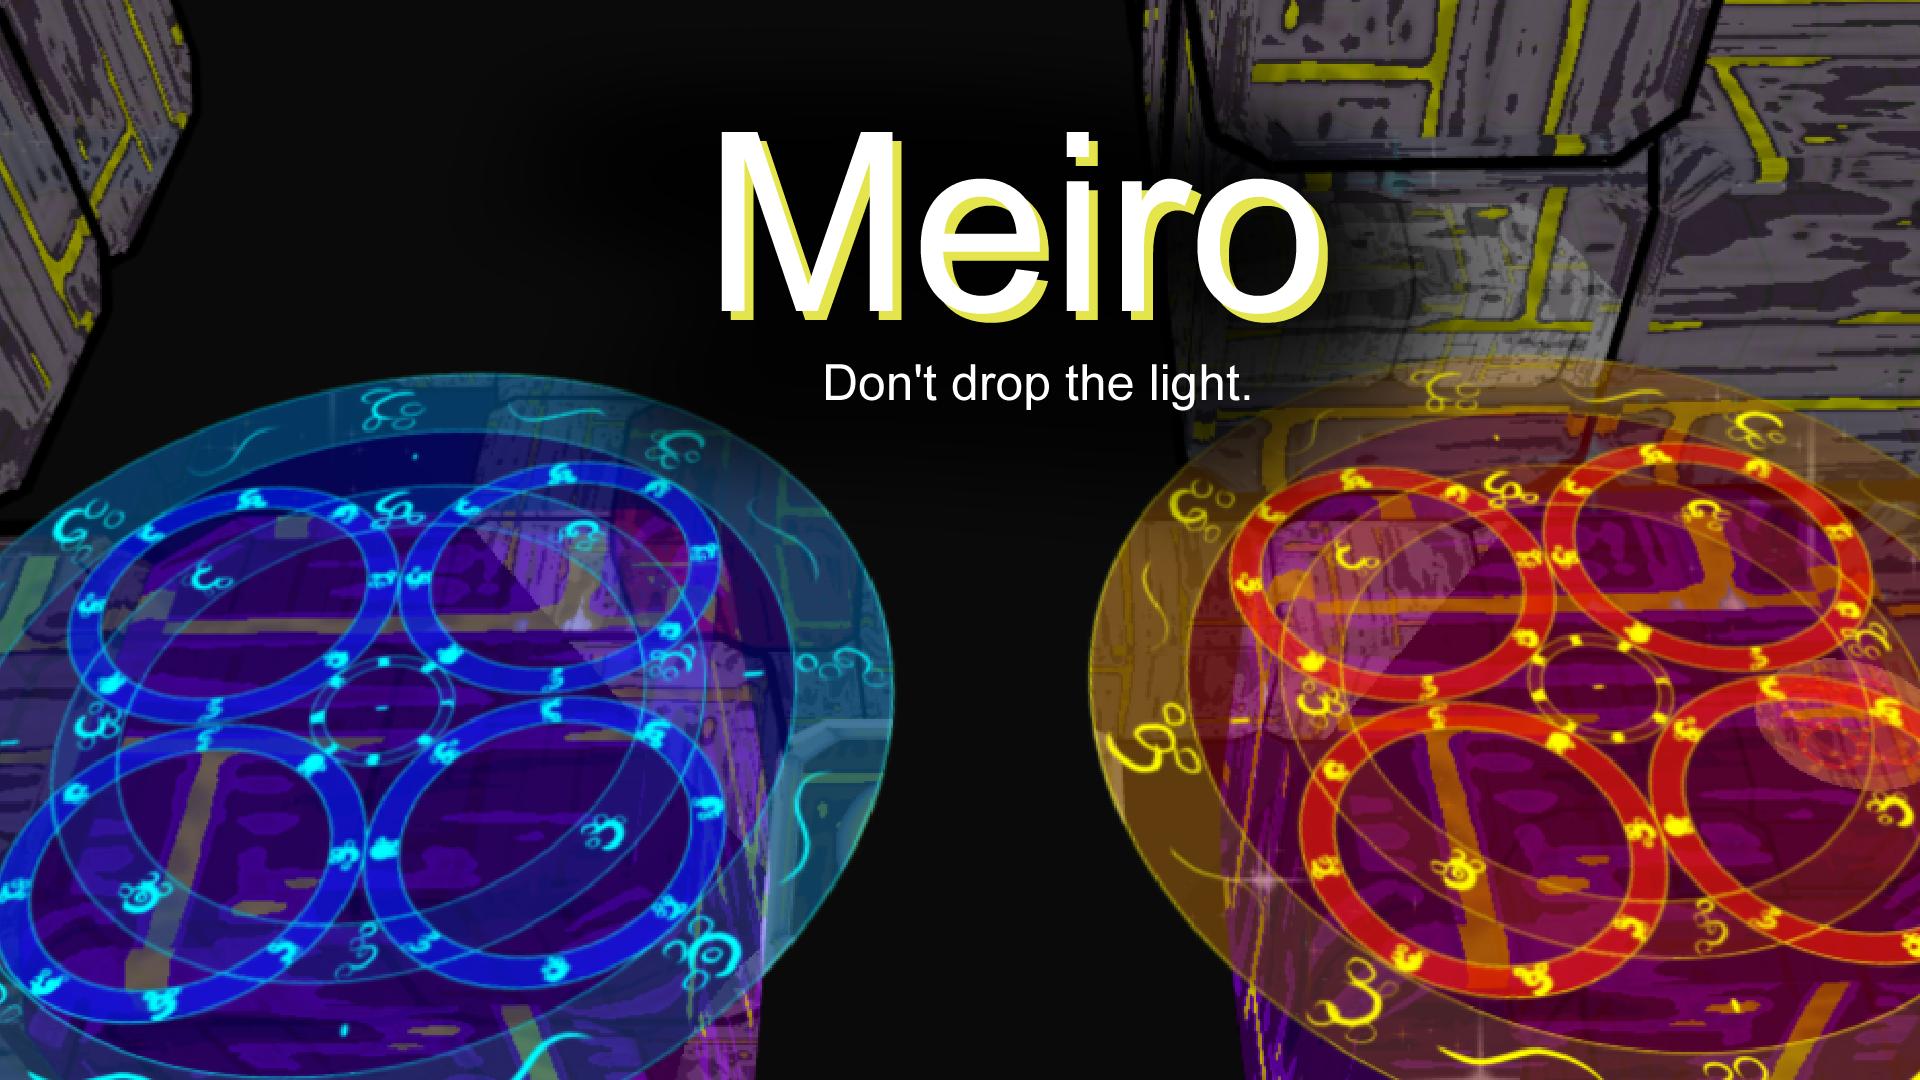 Meiro: Don't drop the light.